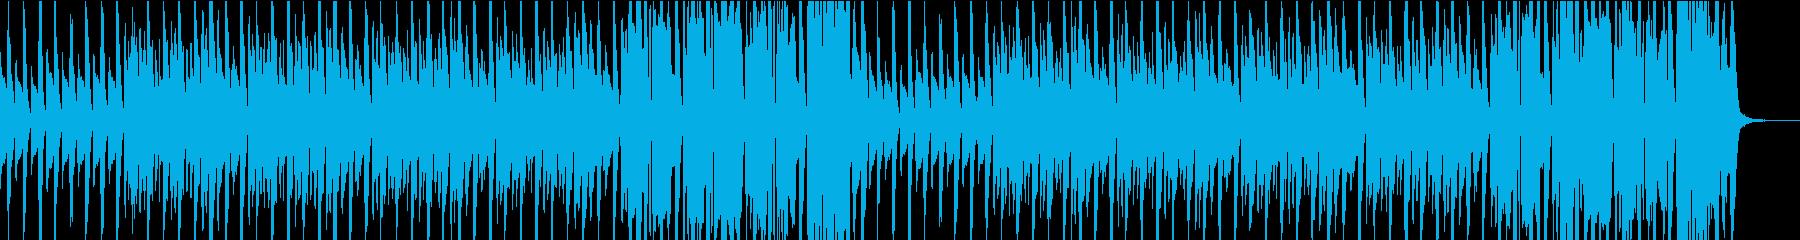 ほのぼのしてかわいいマリンバのBGMの再生済みの波形